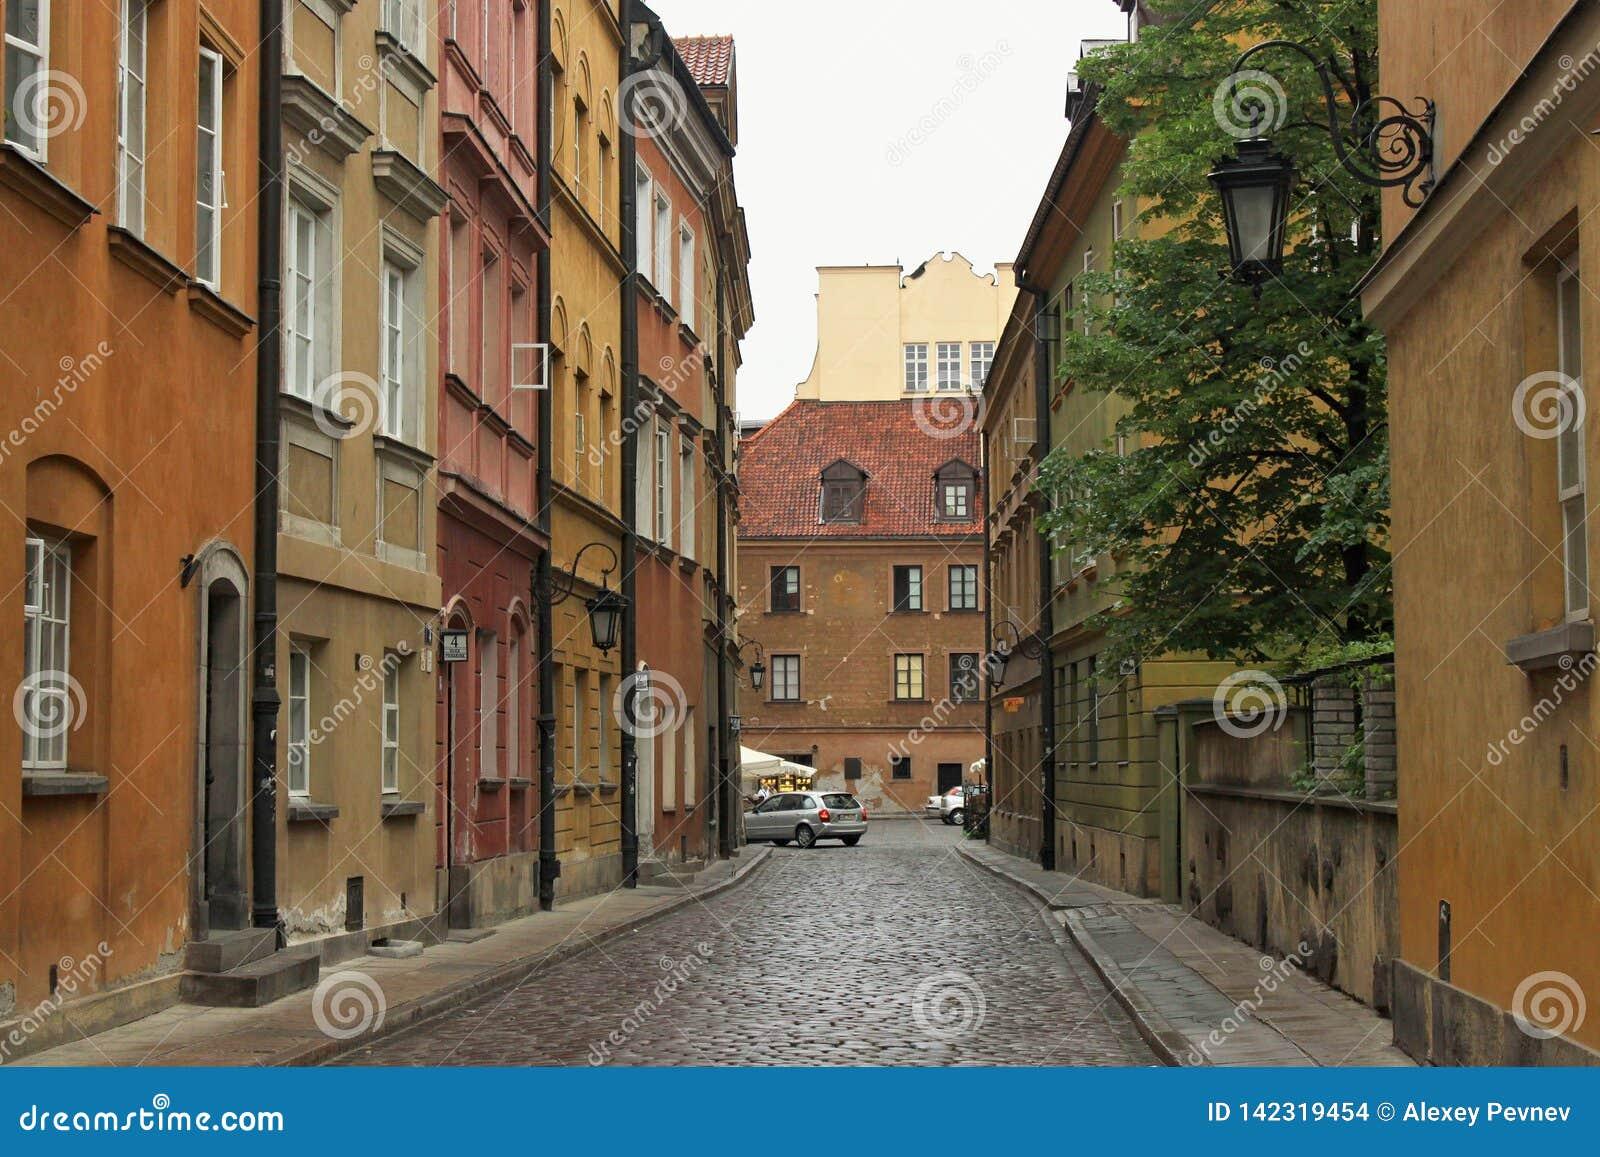 VARSOVIE, POLOGNE - 12 MAI 2012 : Vue des b?timents historiques dans la vieille partie de capital de Varsovie et la plus grande v